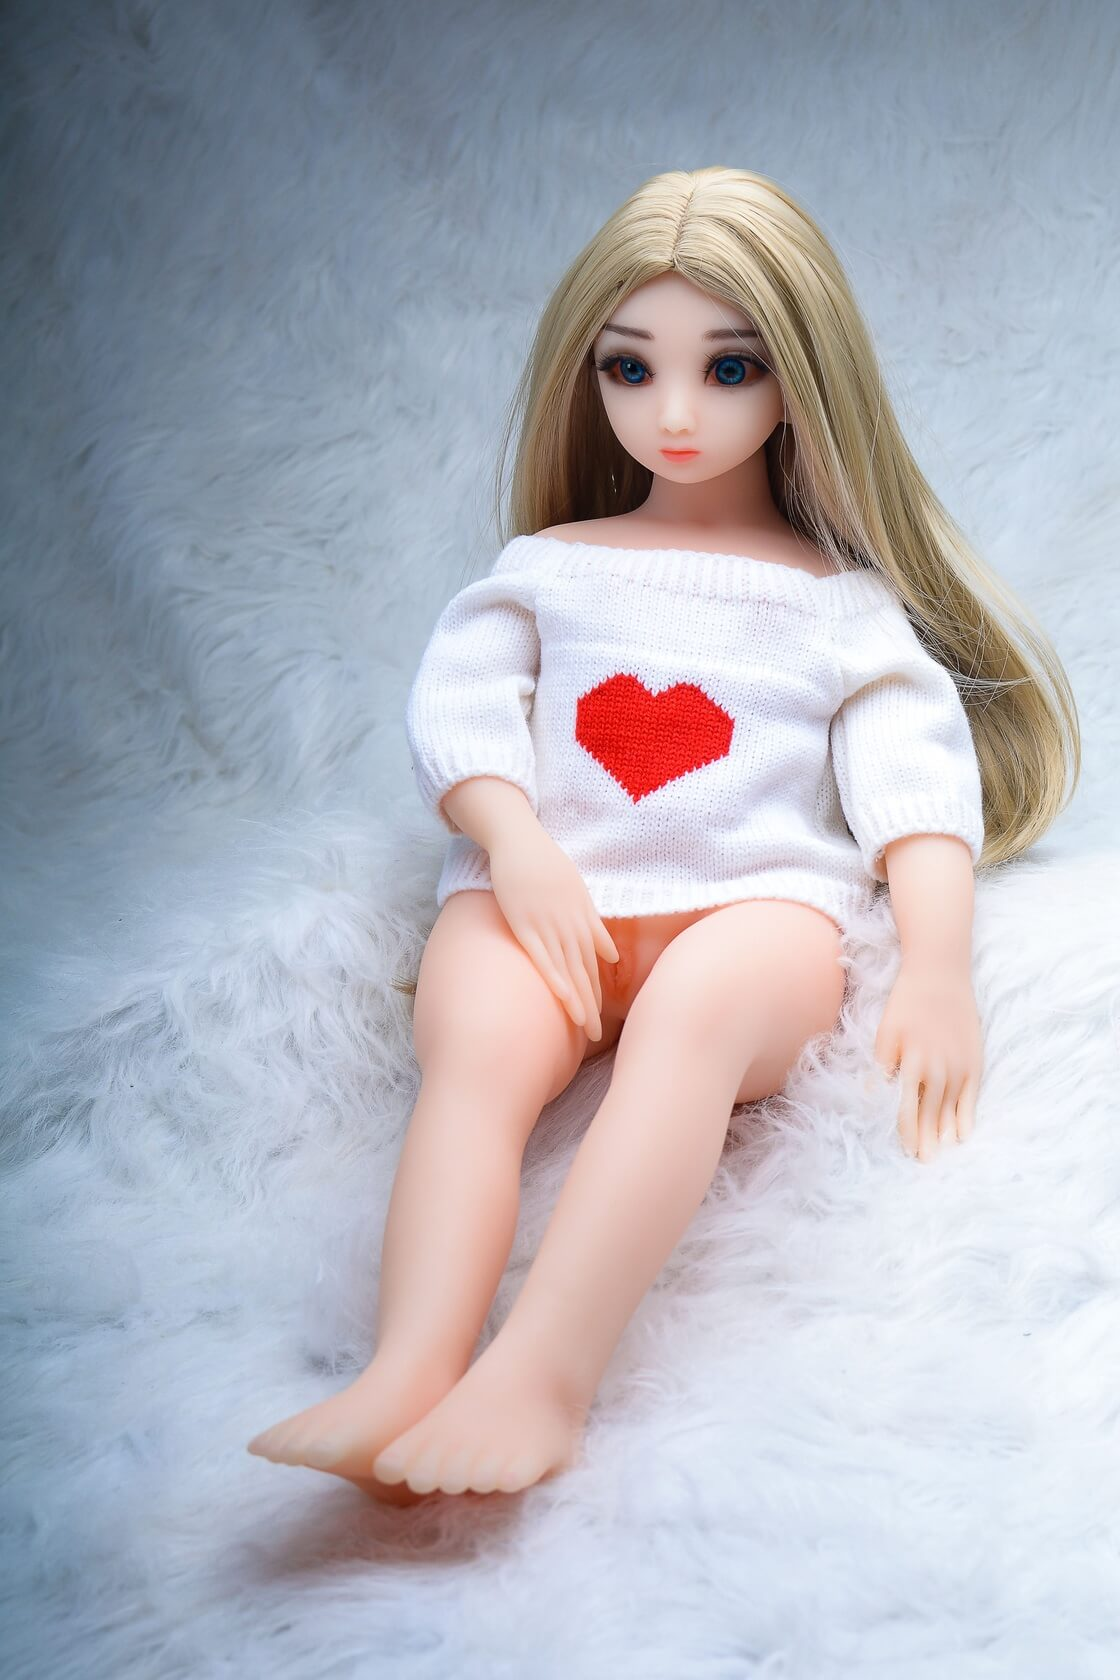 65cm Mini Flat Chest Sex Doll - Brittany